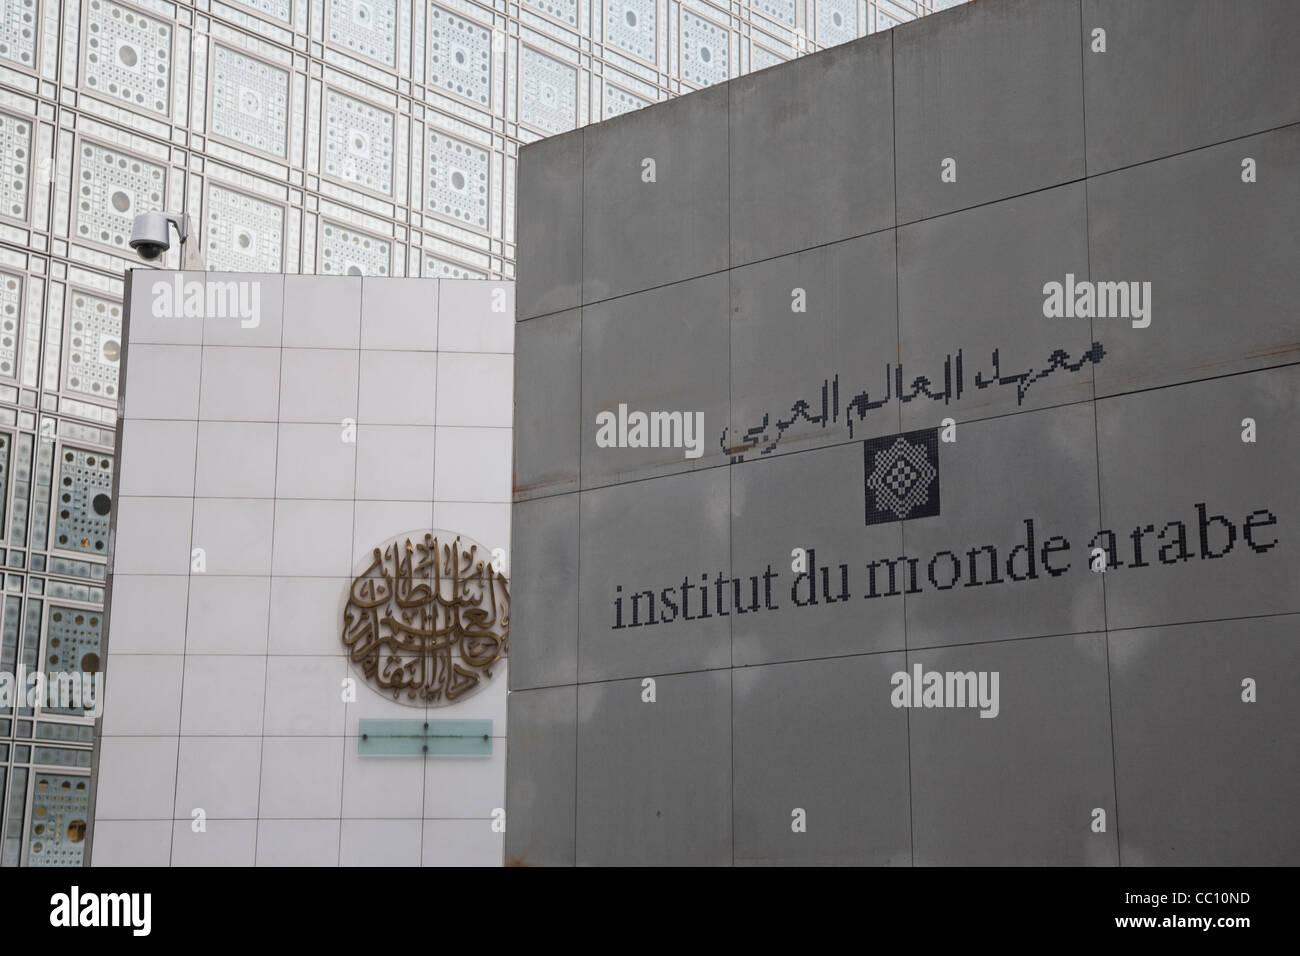 Institut du Monde Arabe, Arab World Institute in Paris, France - Stock Image